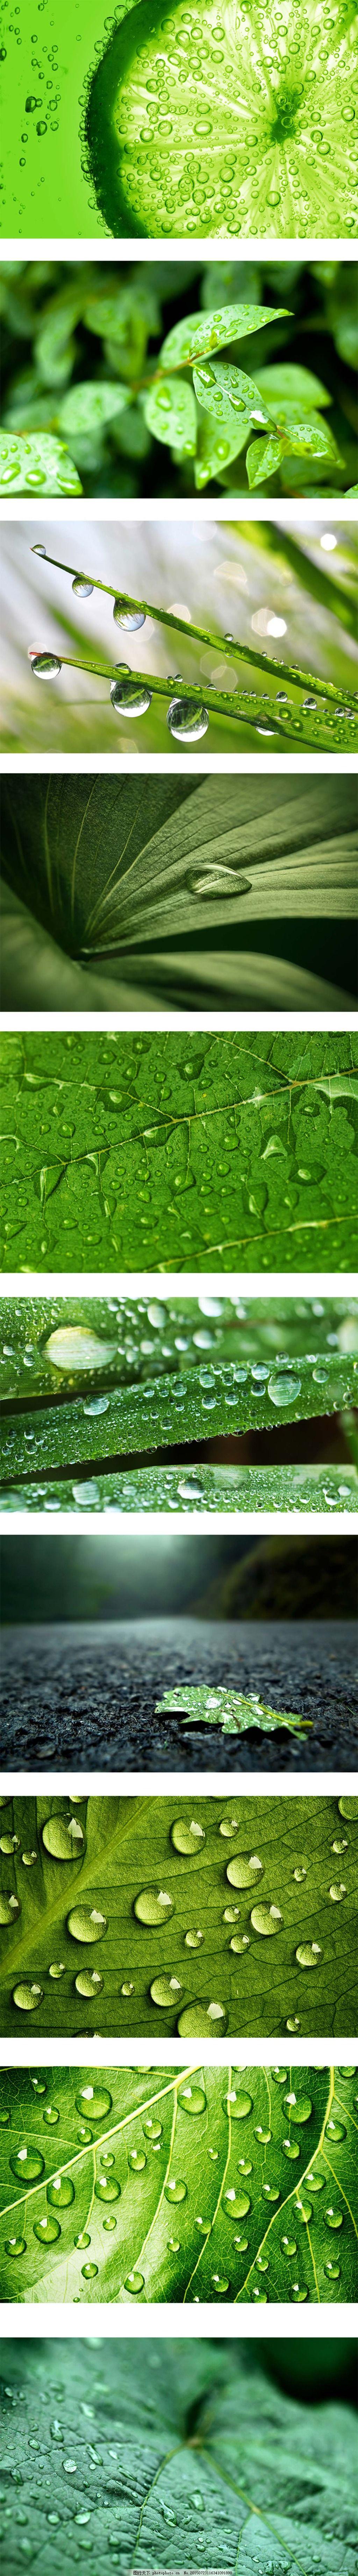 挂满水滴的绿叶,露珠,水珠,晨露,植物,摄影绿叶,叶子